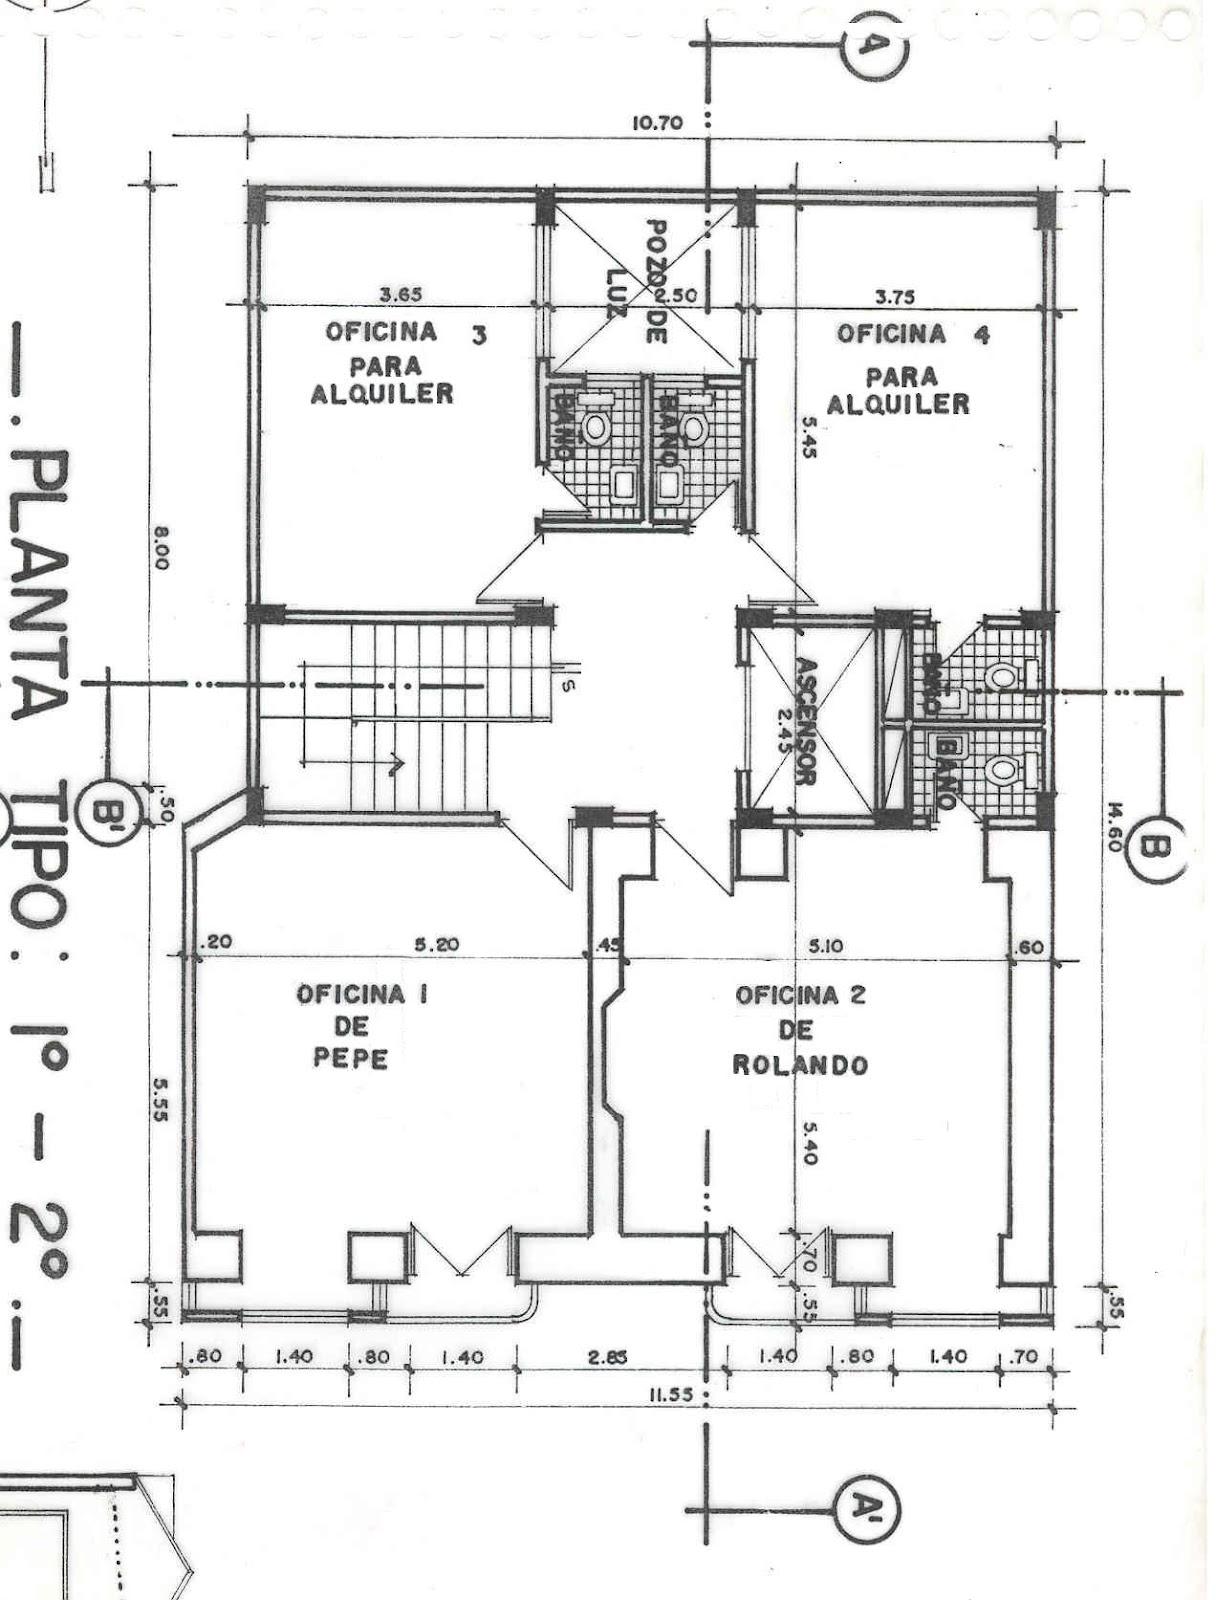 Planos arquitectonicos planos for Libros de planos arquitectonicos